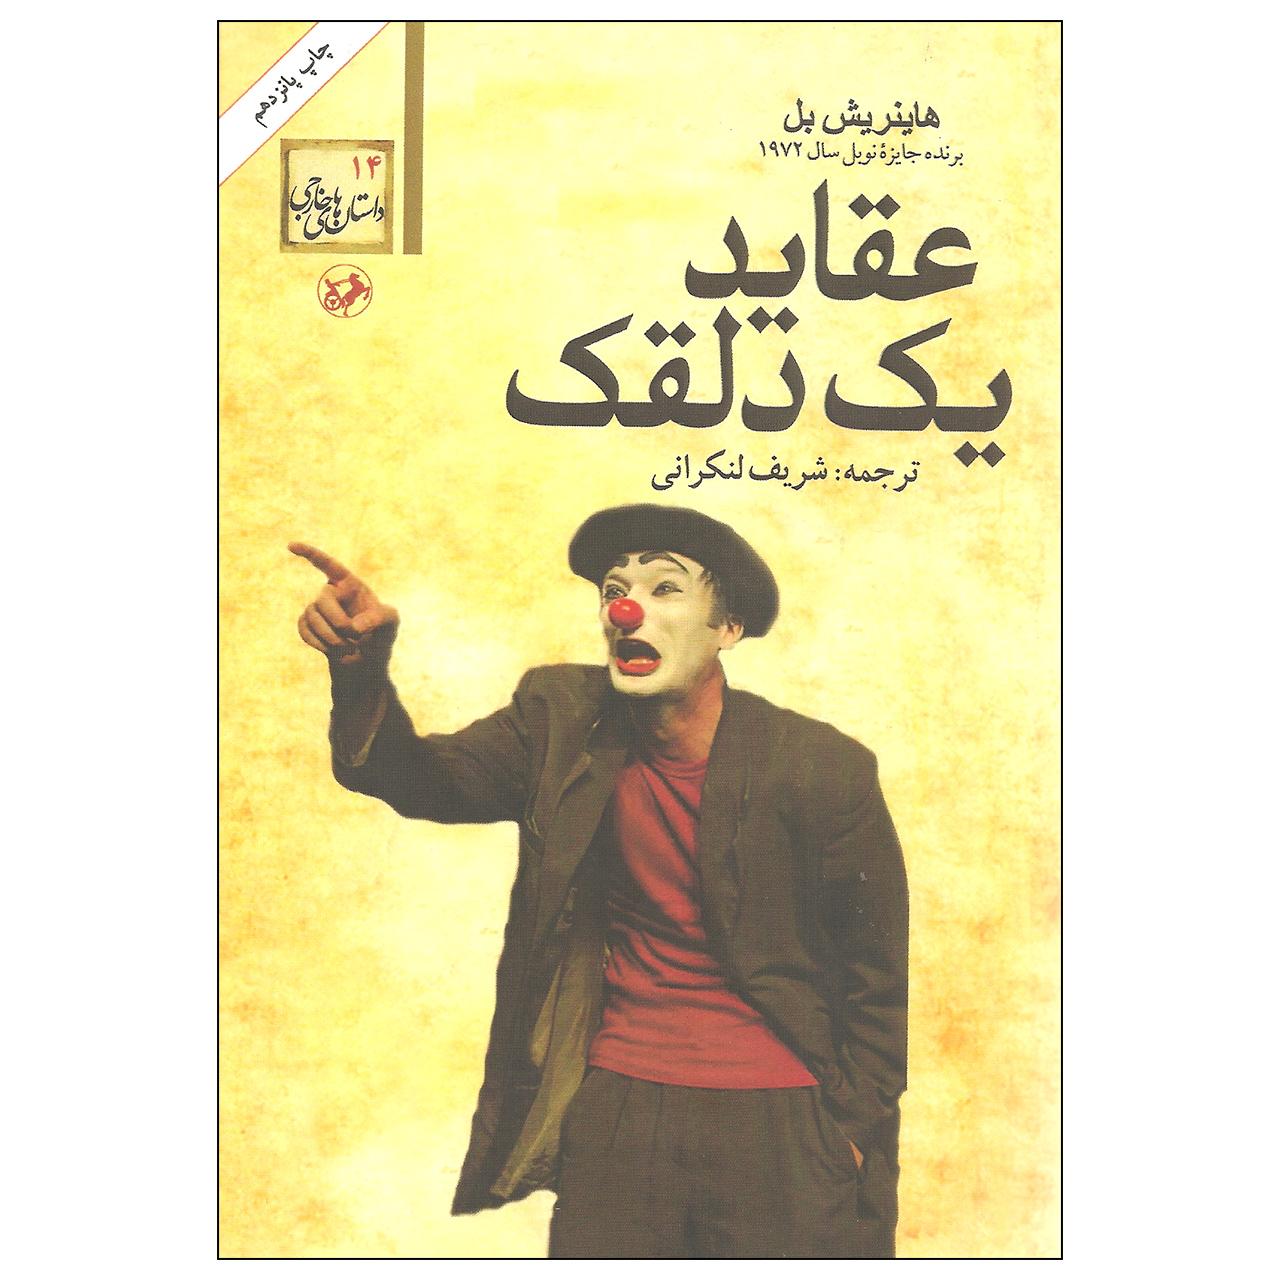 کتاب عقاید یک دلقک اثر هاینریش بل نشر امیرکبیر